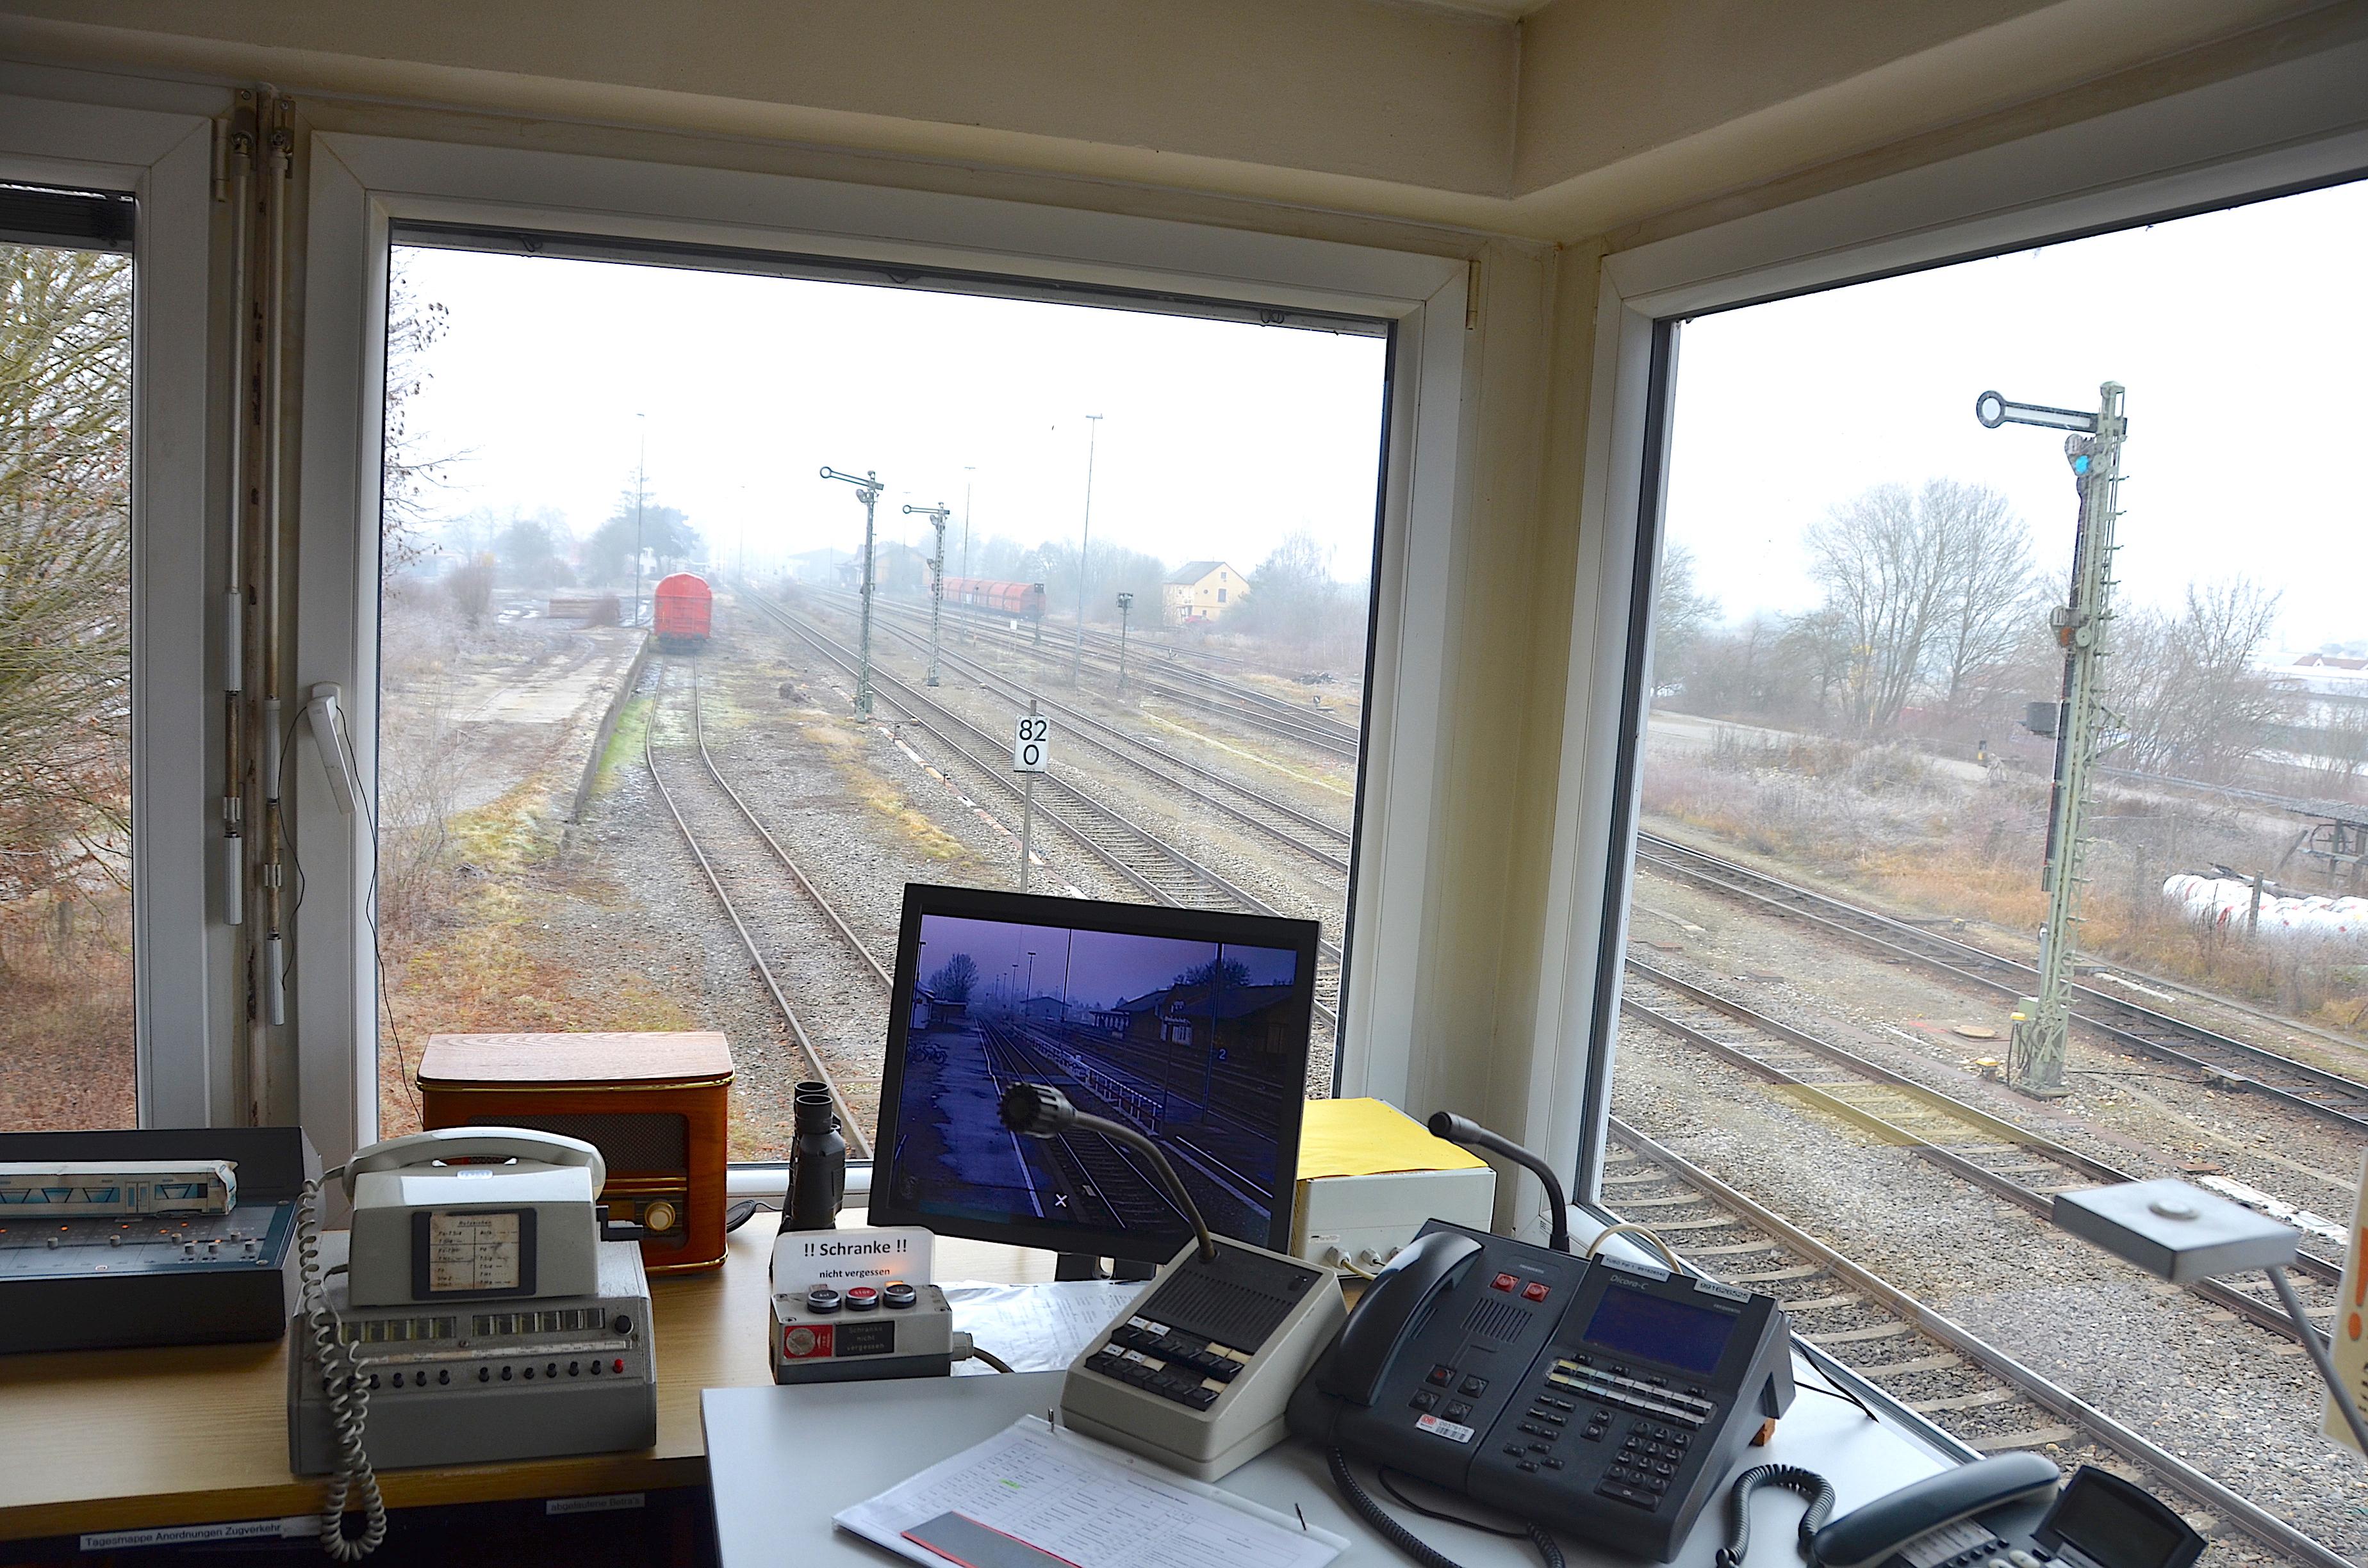 File:Stellwerk Mengen Bahnhof.jpg